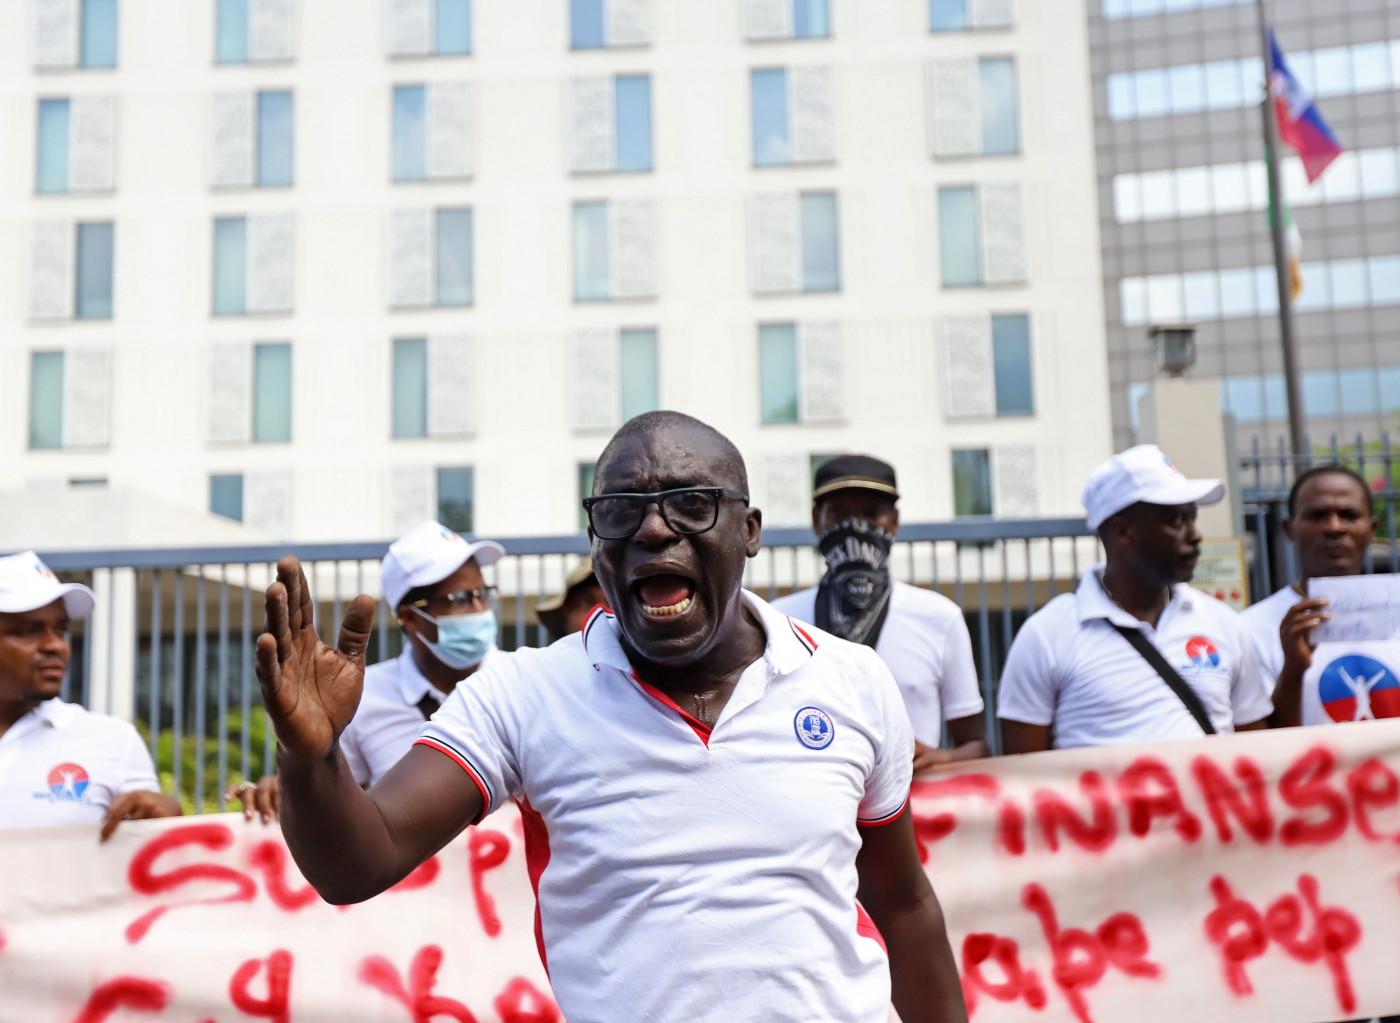 homem protestando nas ruas do haiti